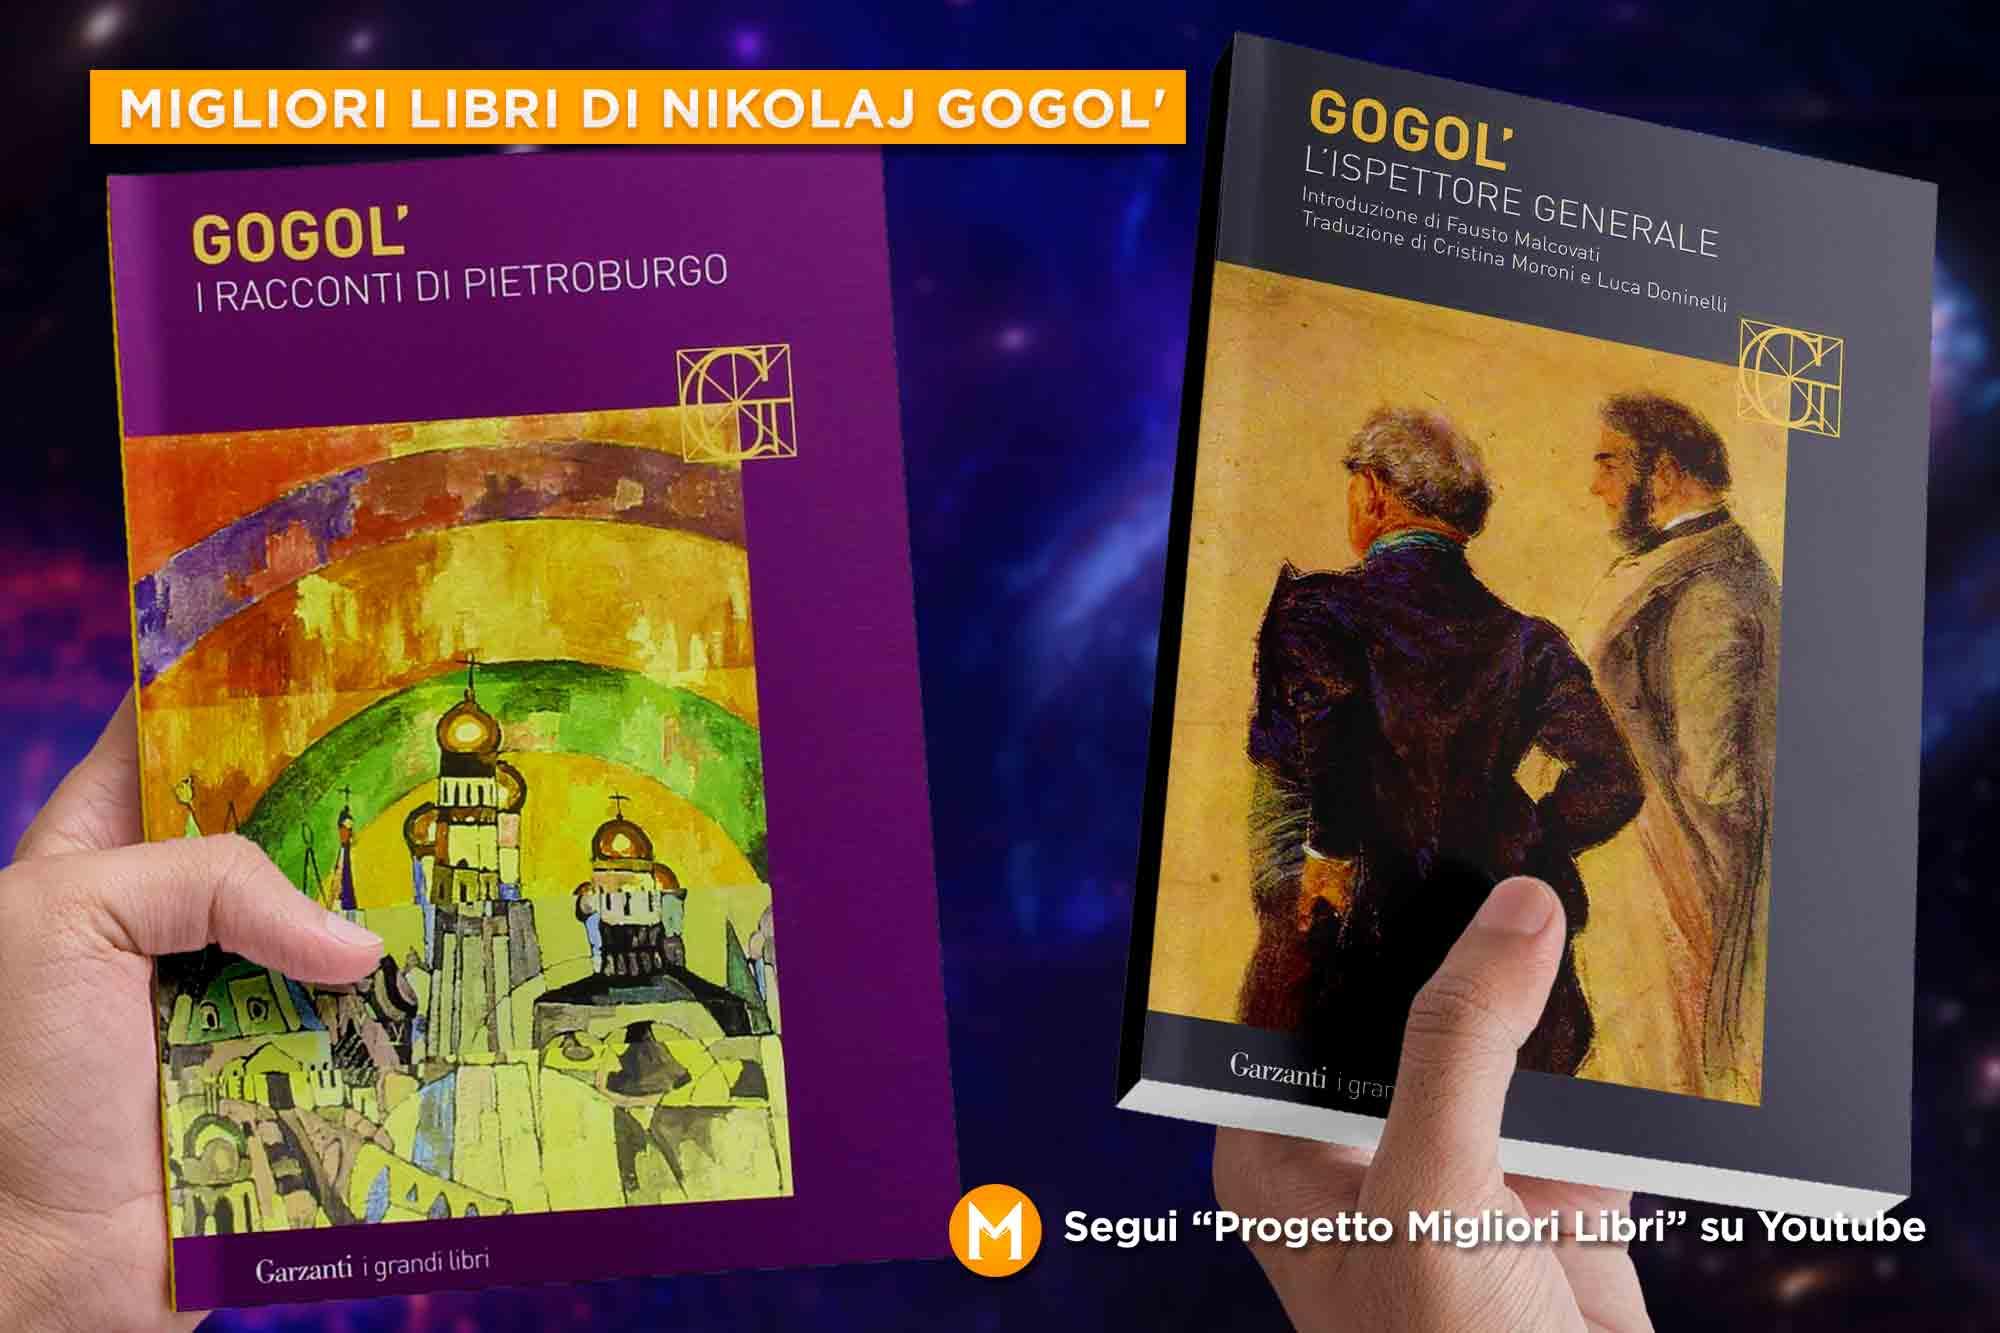 migliori-libri-nikolaj-gogol